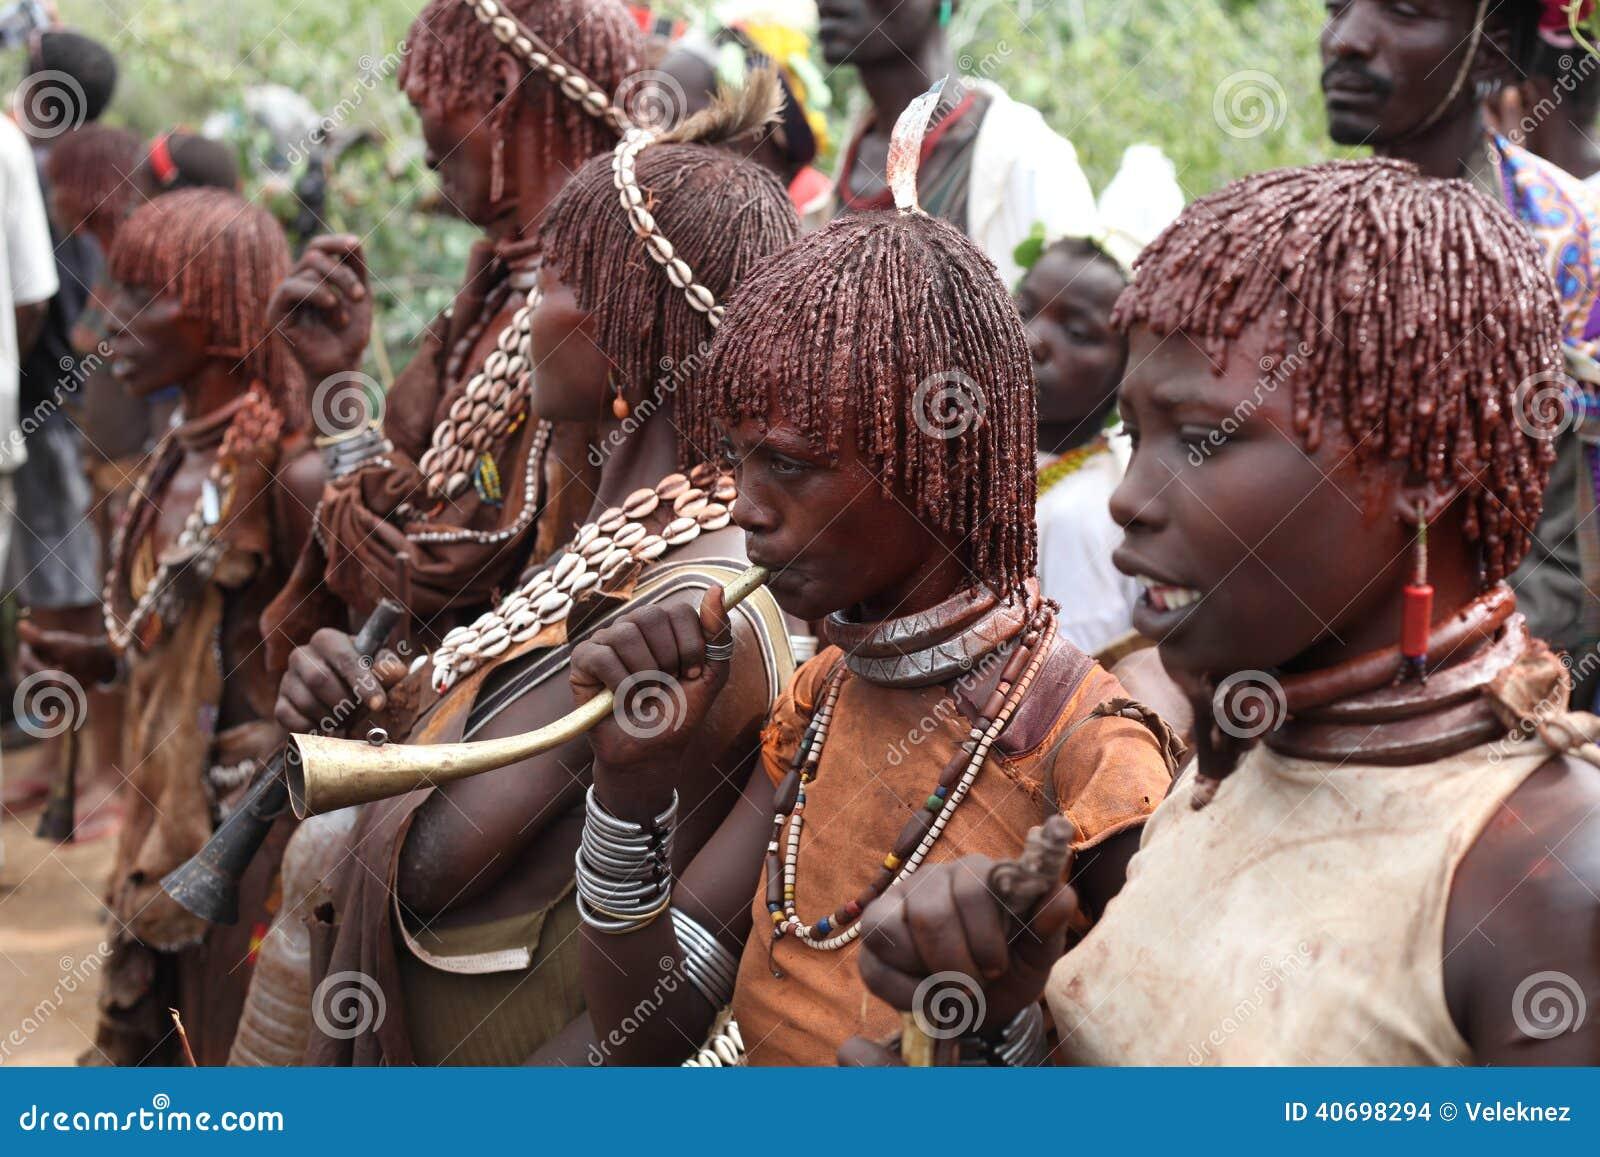 ethiopian wedding ceremony traditions